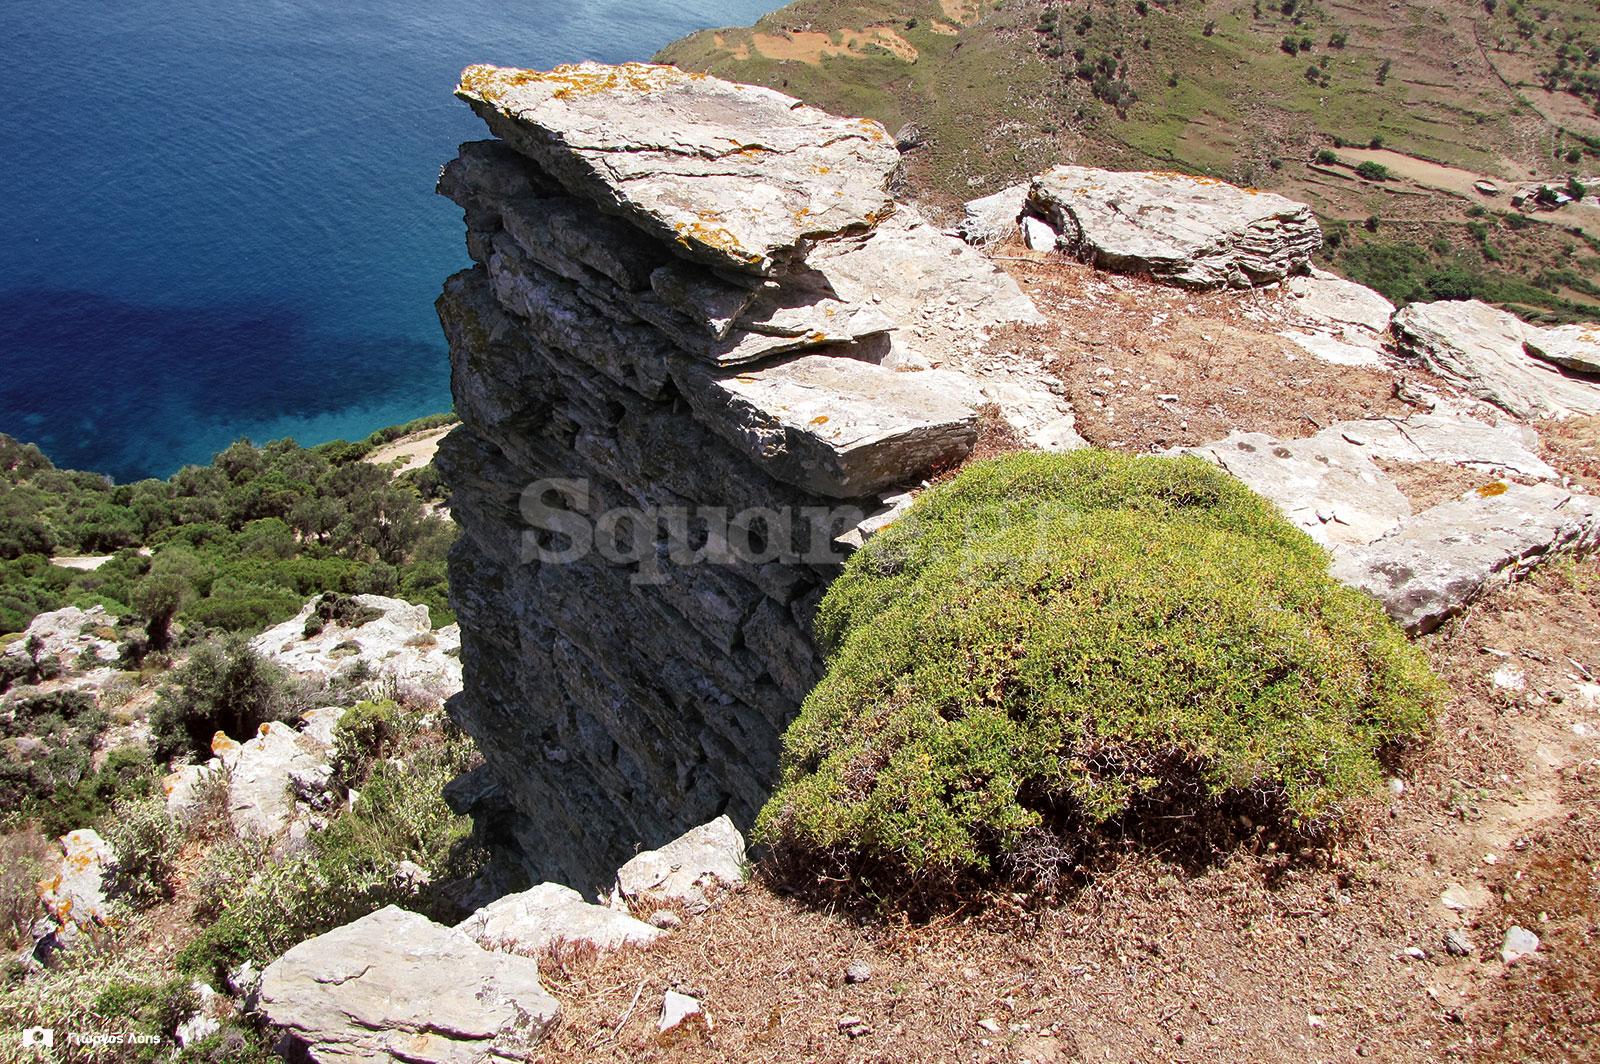 17-Άποψη-της-βάσης-του-μεσαίου-αμυντικού-πύργου-των-ανατολικών-τειχών